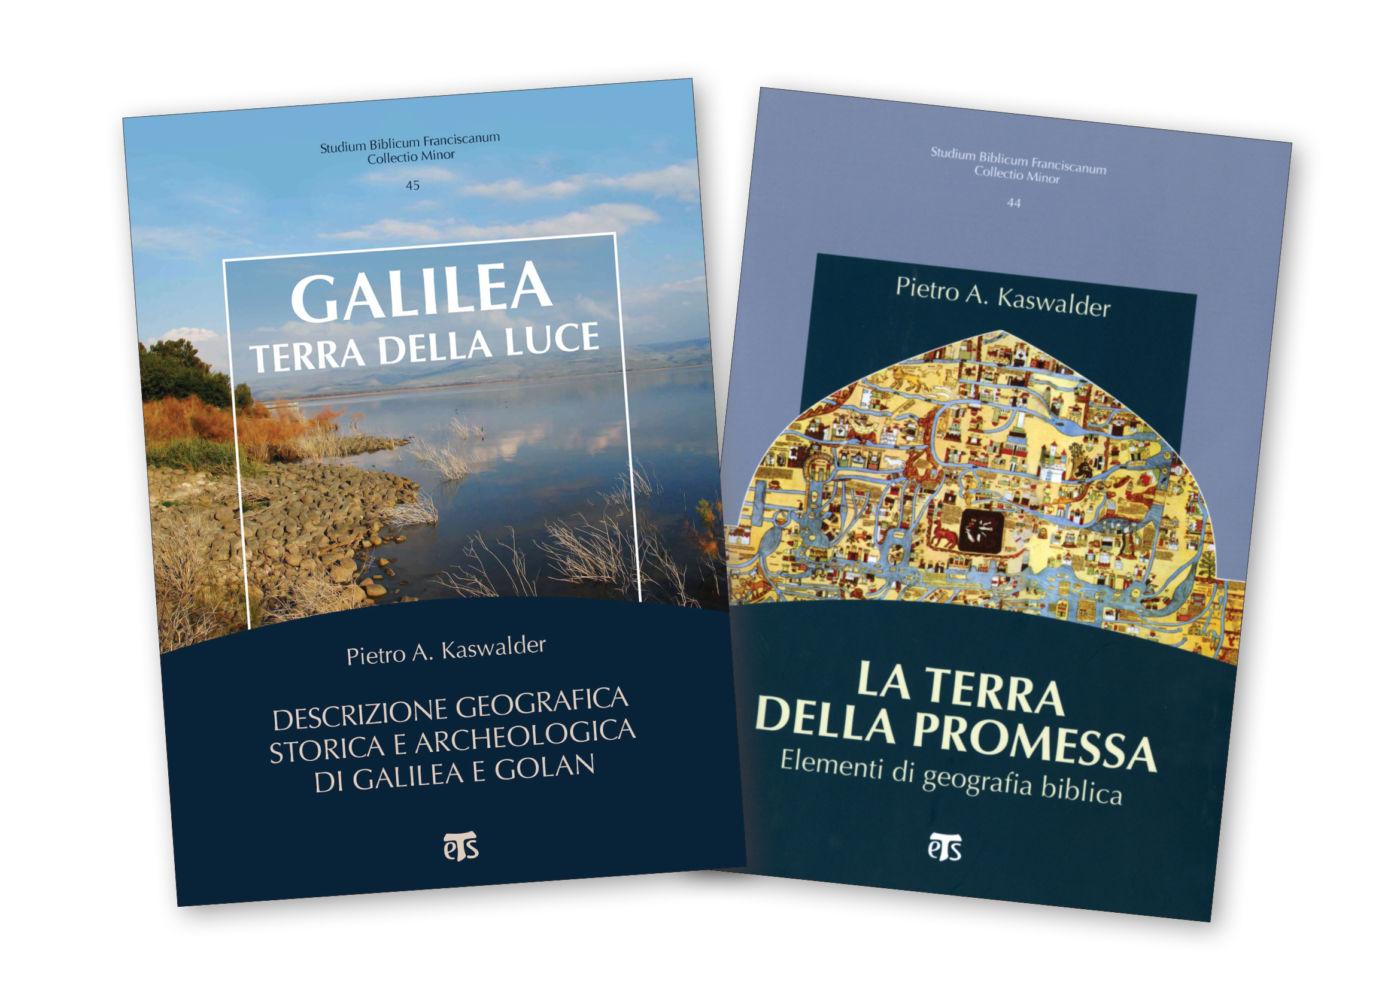 Galilea, terra della luce + La terra della promessa - Pietro A. Kaswalder